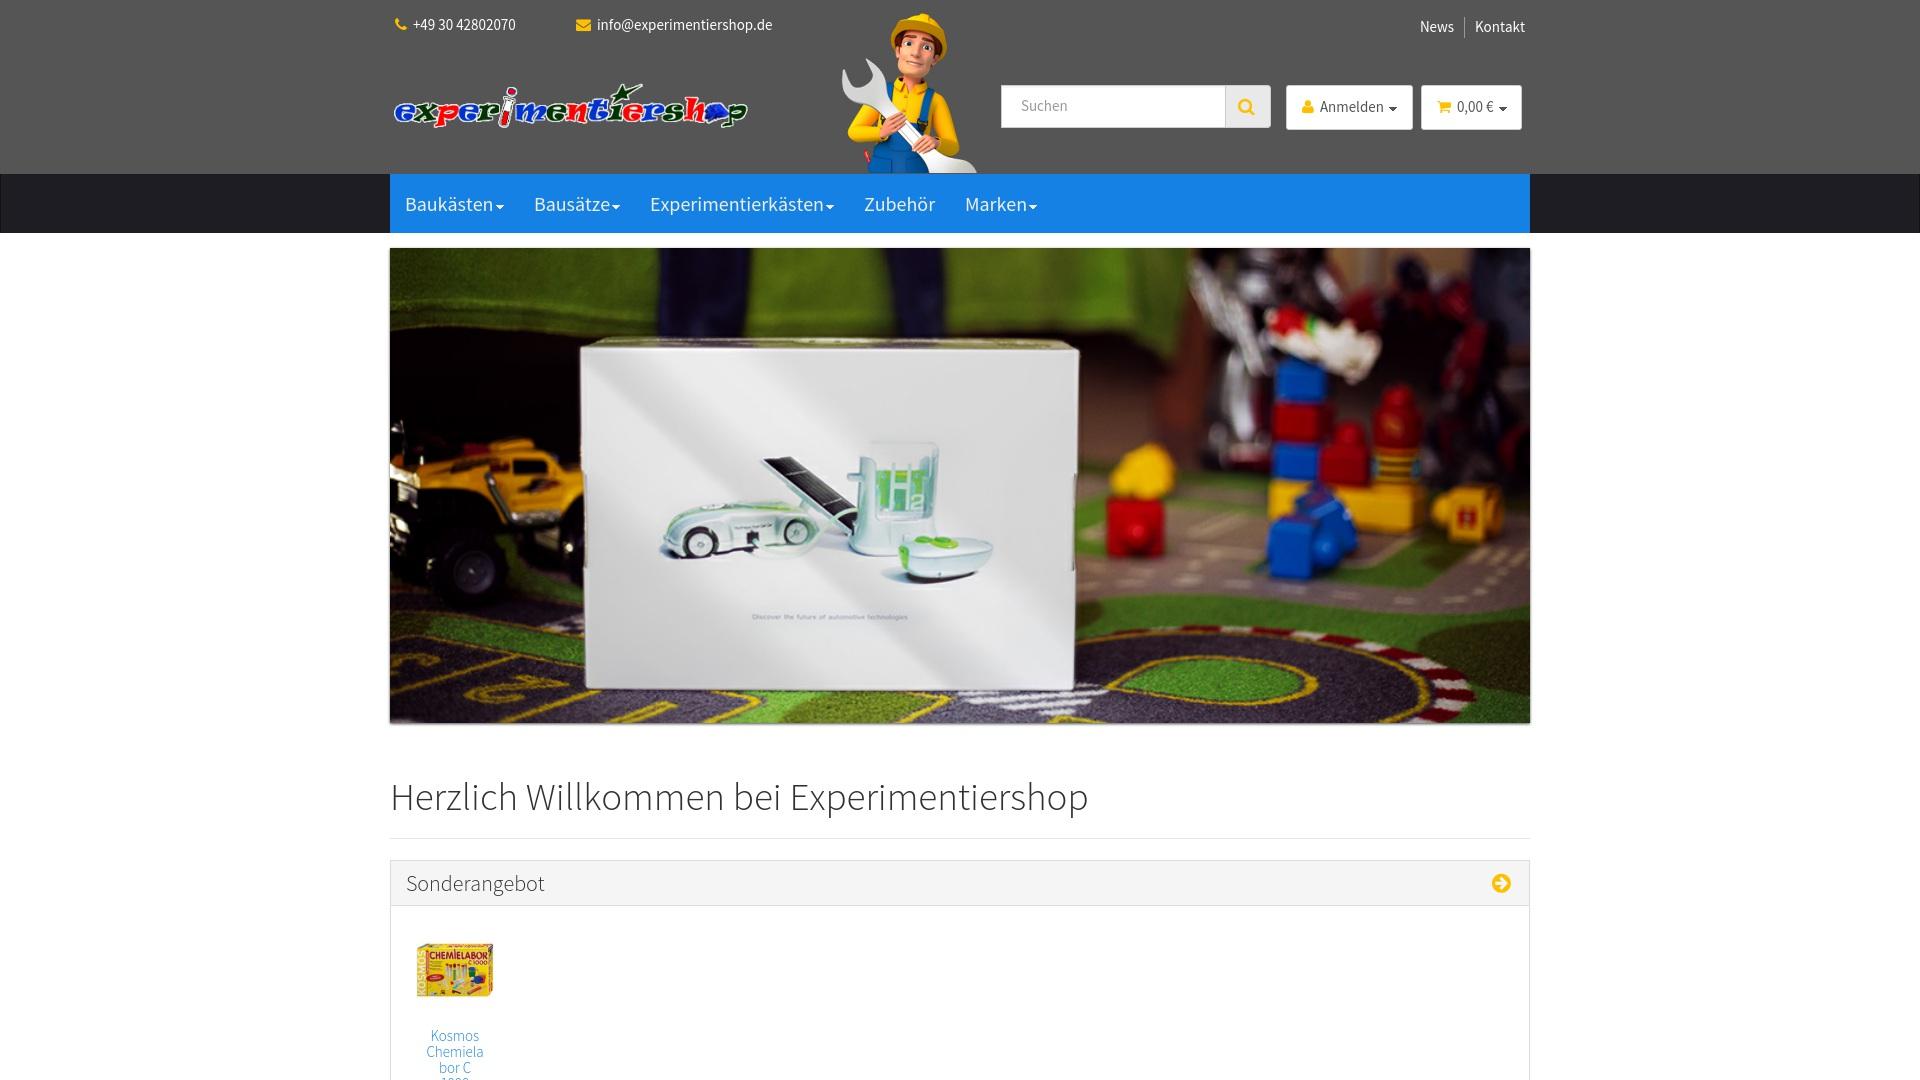 Gutschein für Experimentiershop: Rabatte für  Experimentiershop sichern